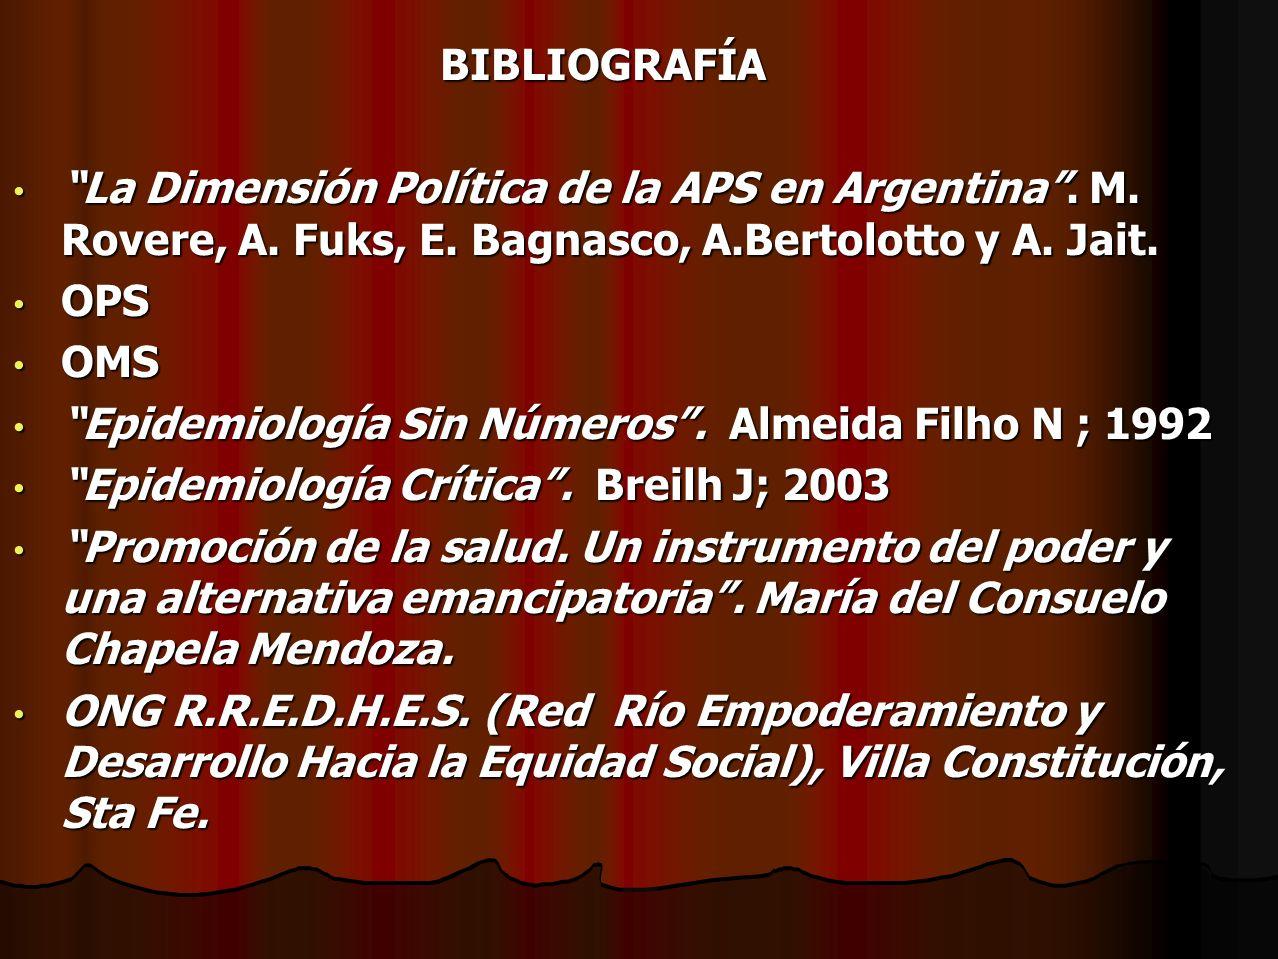 BIBLIOGRAFÍA La Dimensión Política de la APS en Argentina . M. Rovere, A. Fuks, E. Bagnasco, A.Bertolotto y A. Jait.